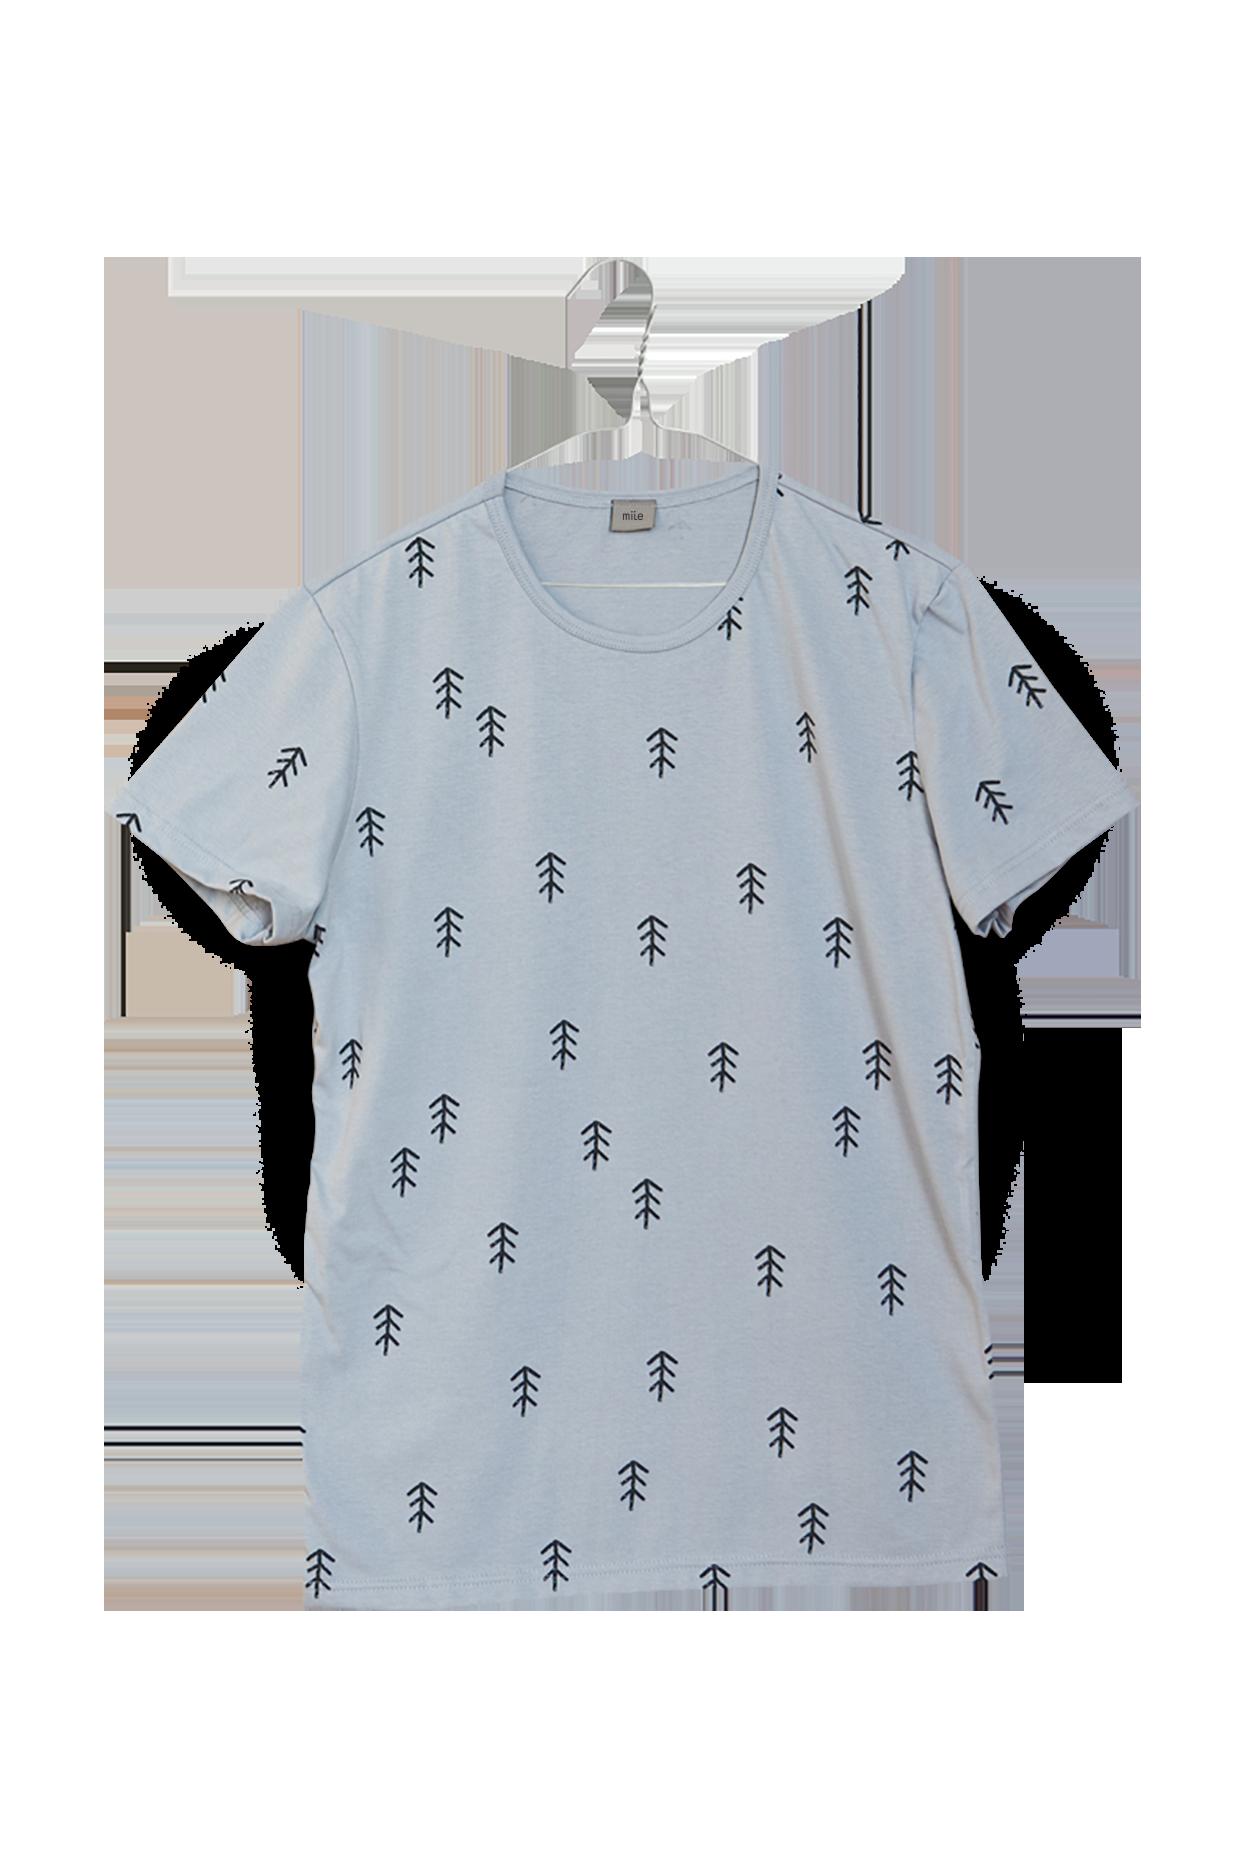 stromčeky pánske tričko